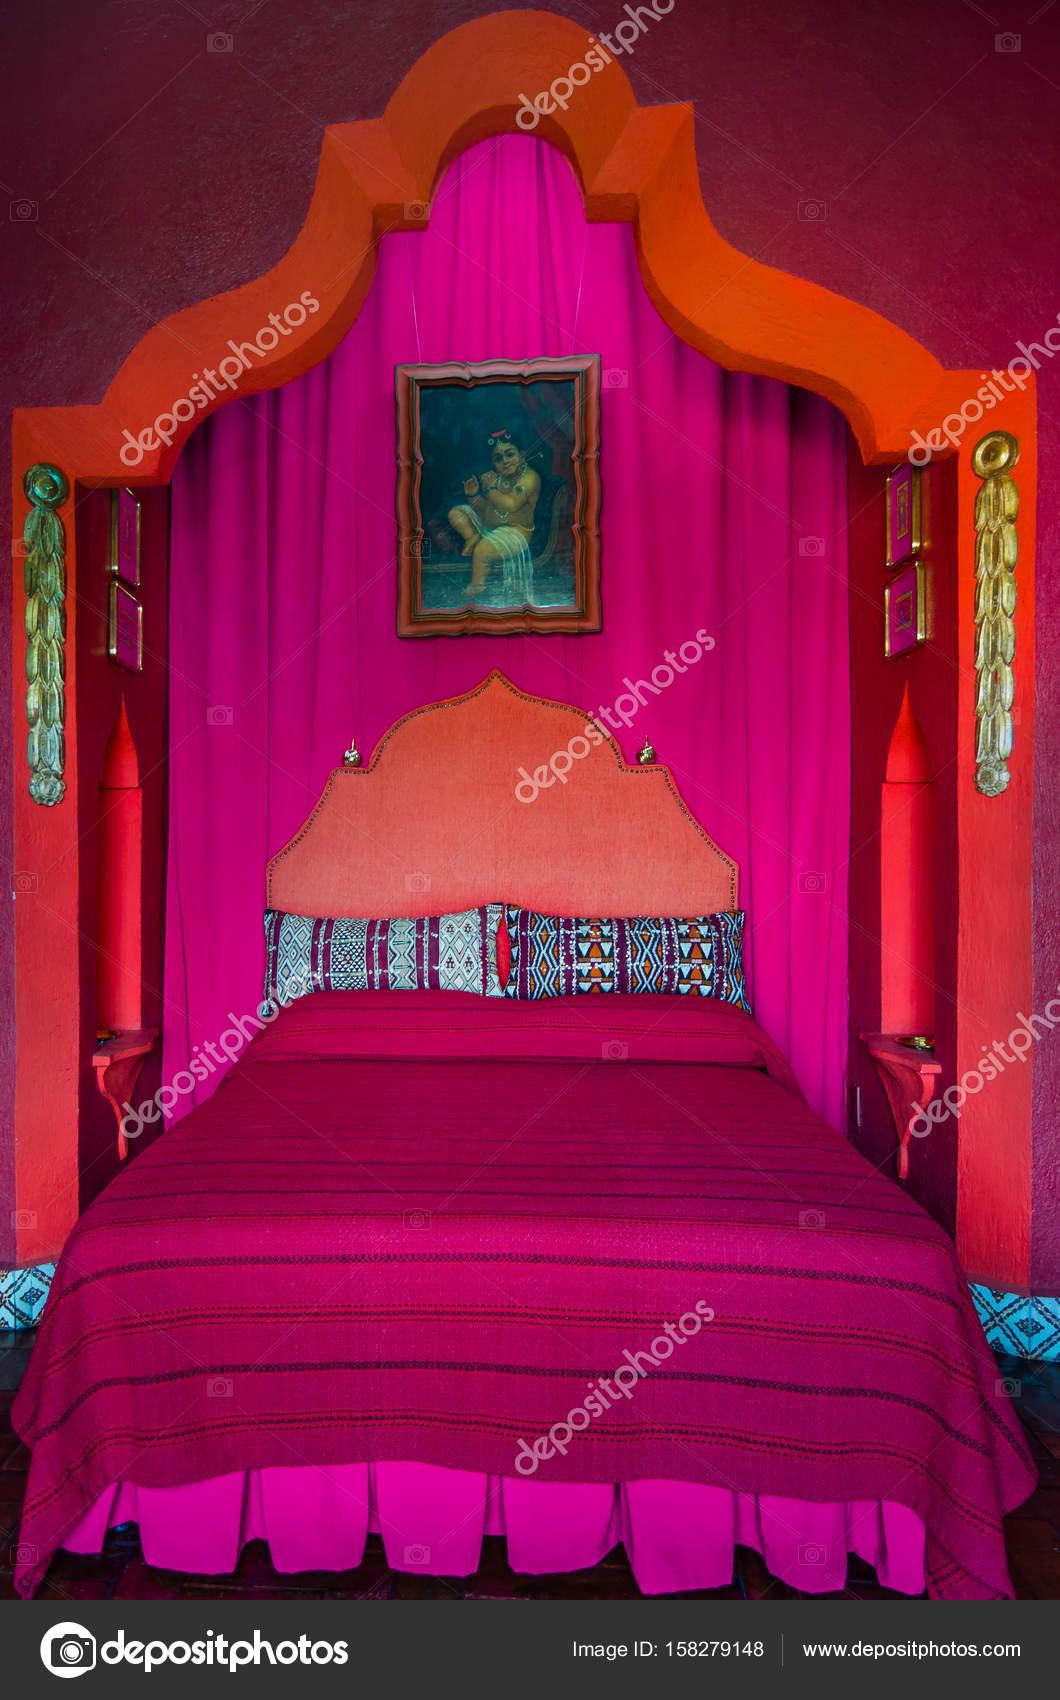 Rode en roze slaapkamer 1001 nachten bed – Redactionele stockfoto ...